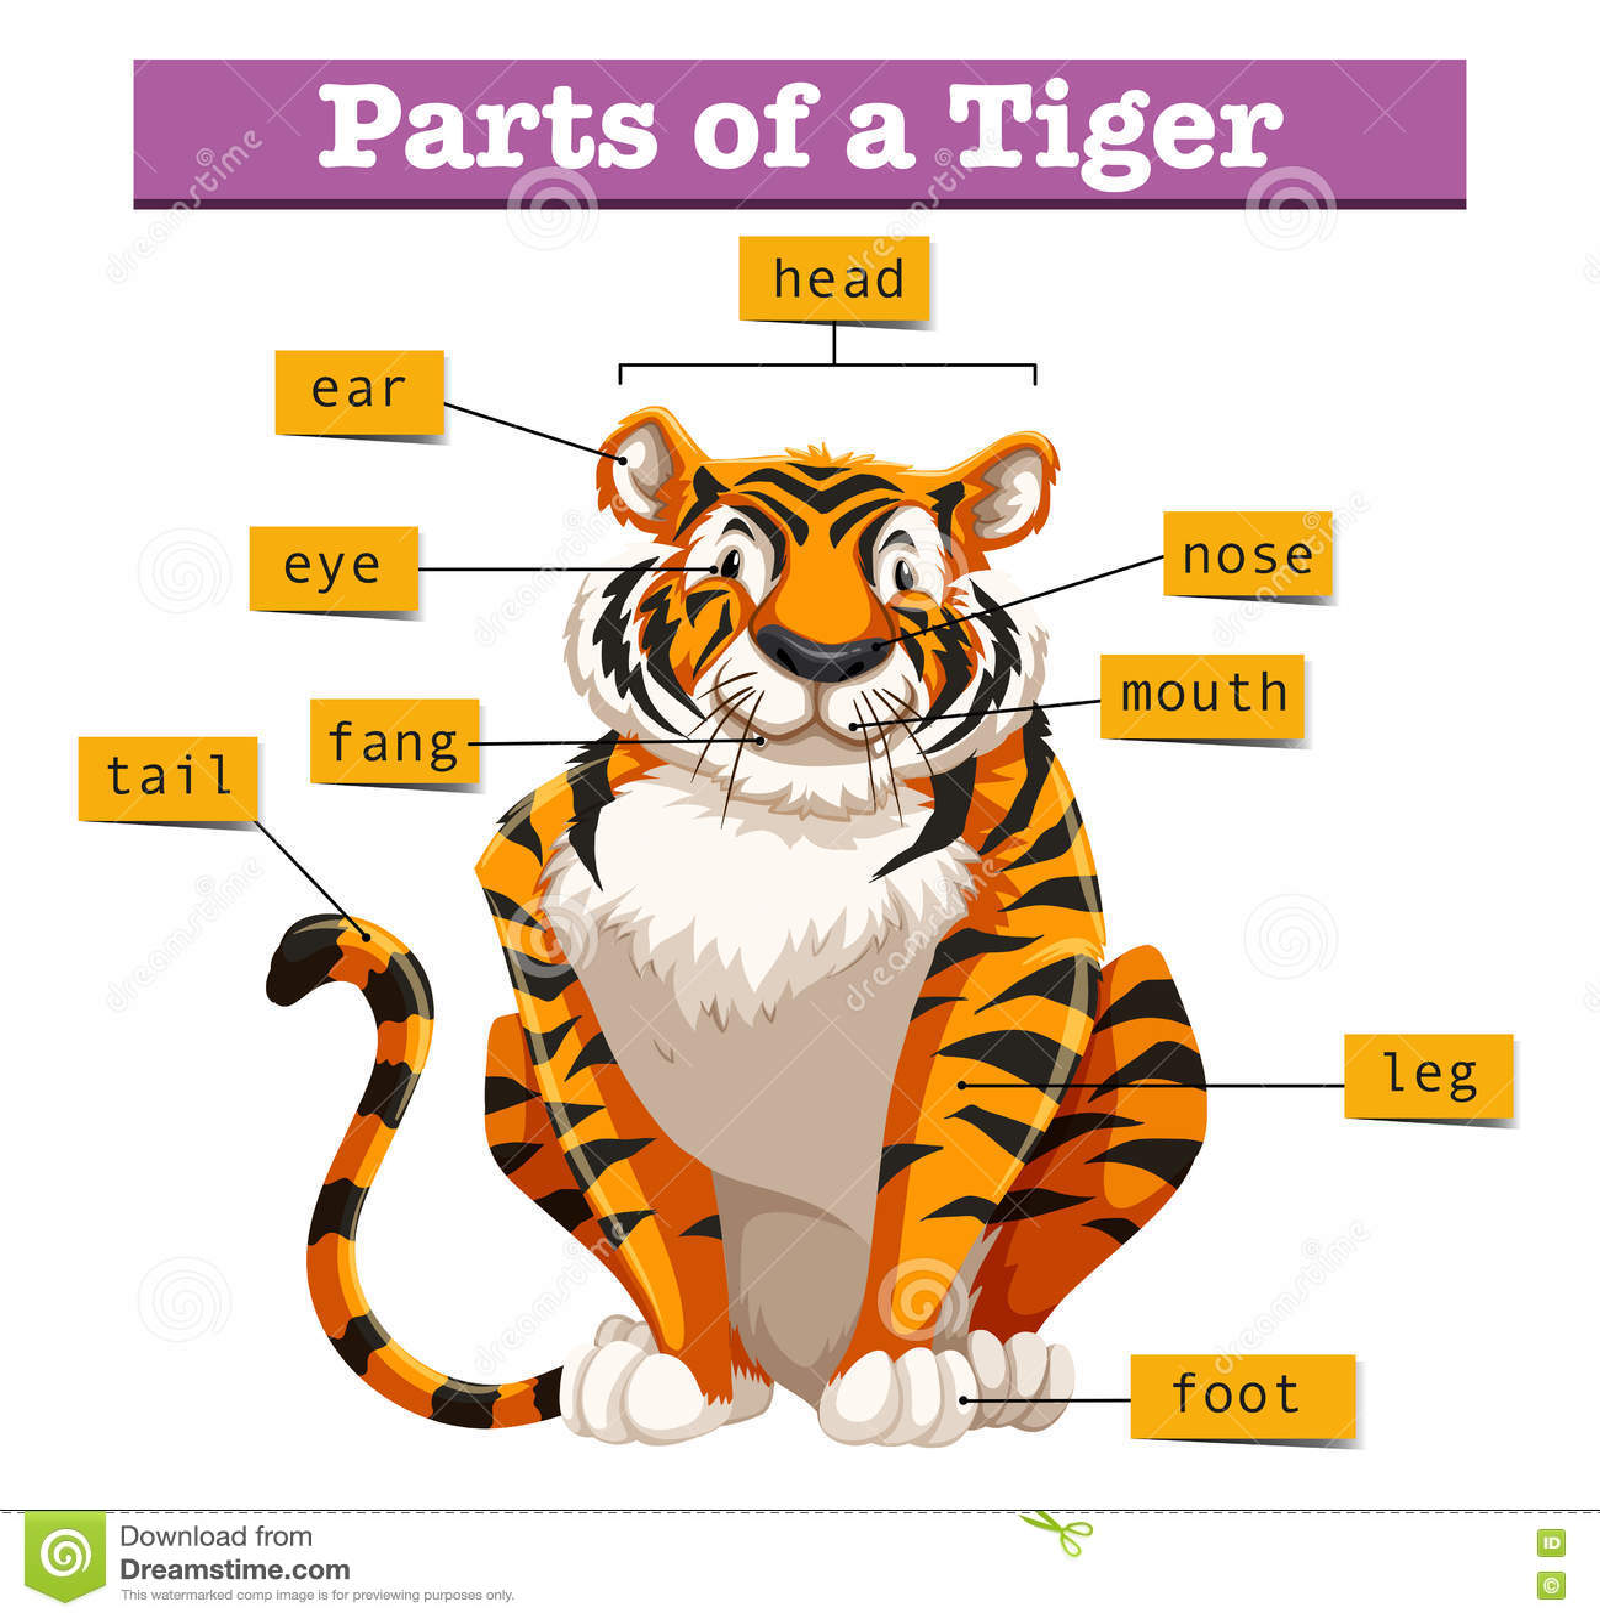 Diagramm, das Teile des Tigers zeigt